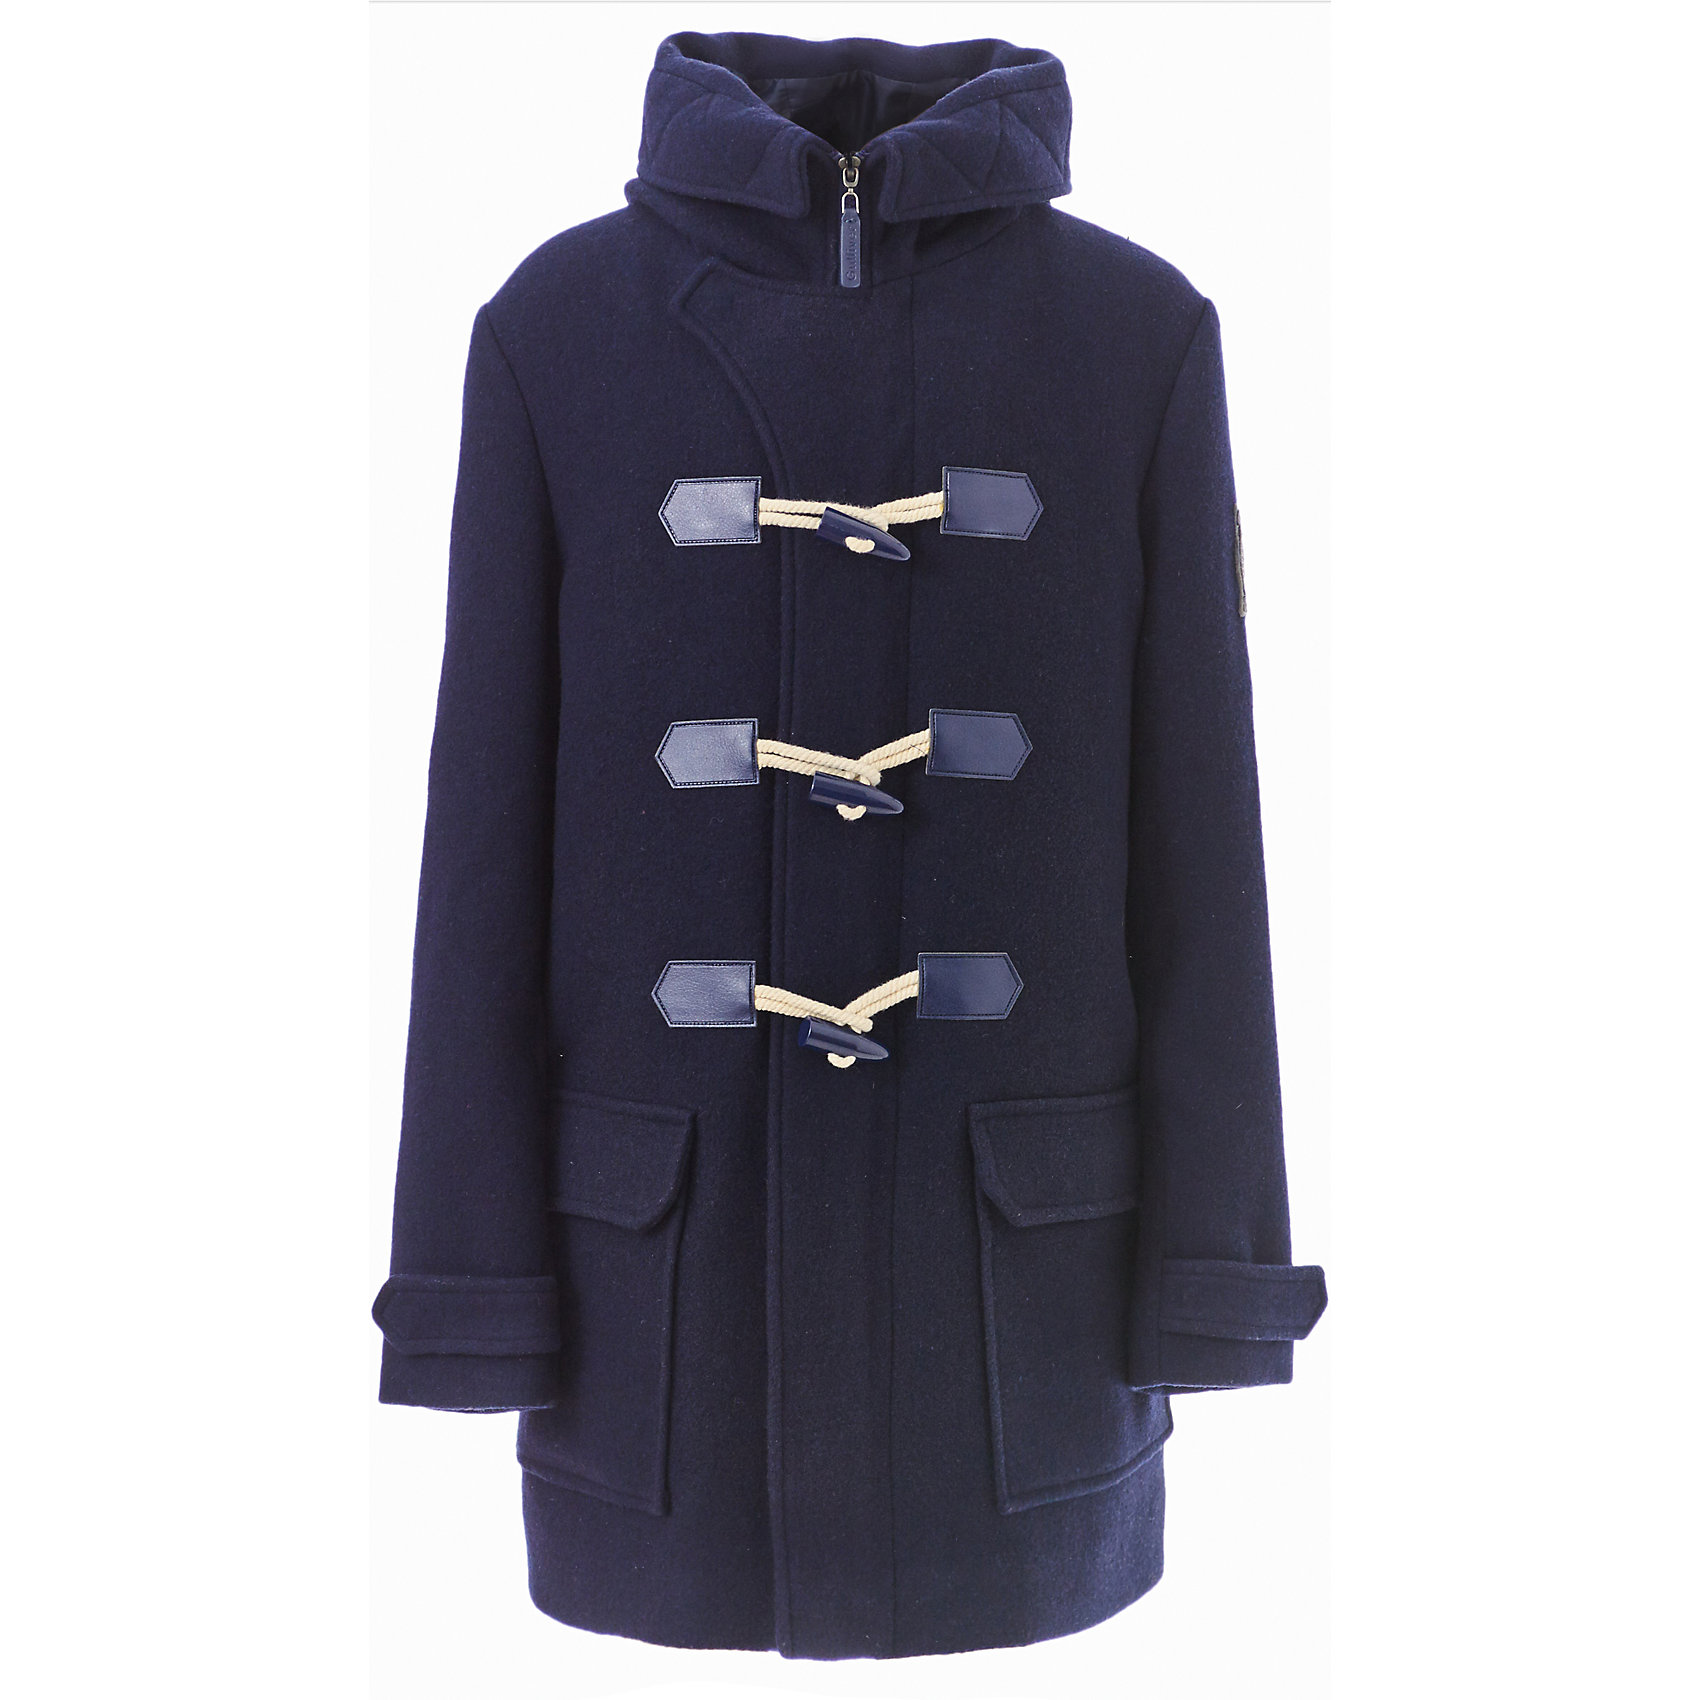 Пальто Gulliver для мальчикаВерхняя одежда<br>Пальто Gulliver для мальчика<br>Модную или комфортную? Красивую или практичную?... Если вы хотите купить куртку для мальчика, помните, что хорошая куртка должна сочетать в себе все необходимые требования к внешнему виду и функциональности! Именно такая, детская куртка от Gulliver, - отличный вариант для холодной погоды. Стильный дизайн: контрастная отделка, игра фактур, крупные функциональные детали - красная куртка для мальчика не позволит пройти мимо, не обратив на себя внимания! Удобная форма, комфортная длина, удачная конструкция модели, не препятствующая свободе движений, а также все необходимые элементы для защиты от ветра сделают куртку незаменимым атрибутом зимнего сезона.<br>Состав:<br>верх: 100% полиэстер;  подкладка: 100% полиэстер; утеплитель: иск.пух 100% полиэстер<br><br>Ширина мм: 356<br>Глубина мм: 10<br>Высота мм: 245<br>Вес г: 519<br>Цвет: синий<br>Возраст от месяцев: 156<br>Возраст до месяцев: 168<br>Пол: Мужской<br>Возраст: Детский<br>Размер: 164,146,152,158<br>SKU: 7077314